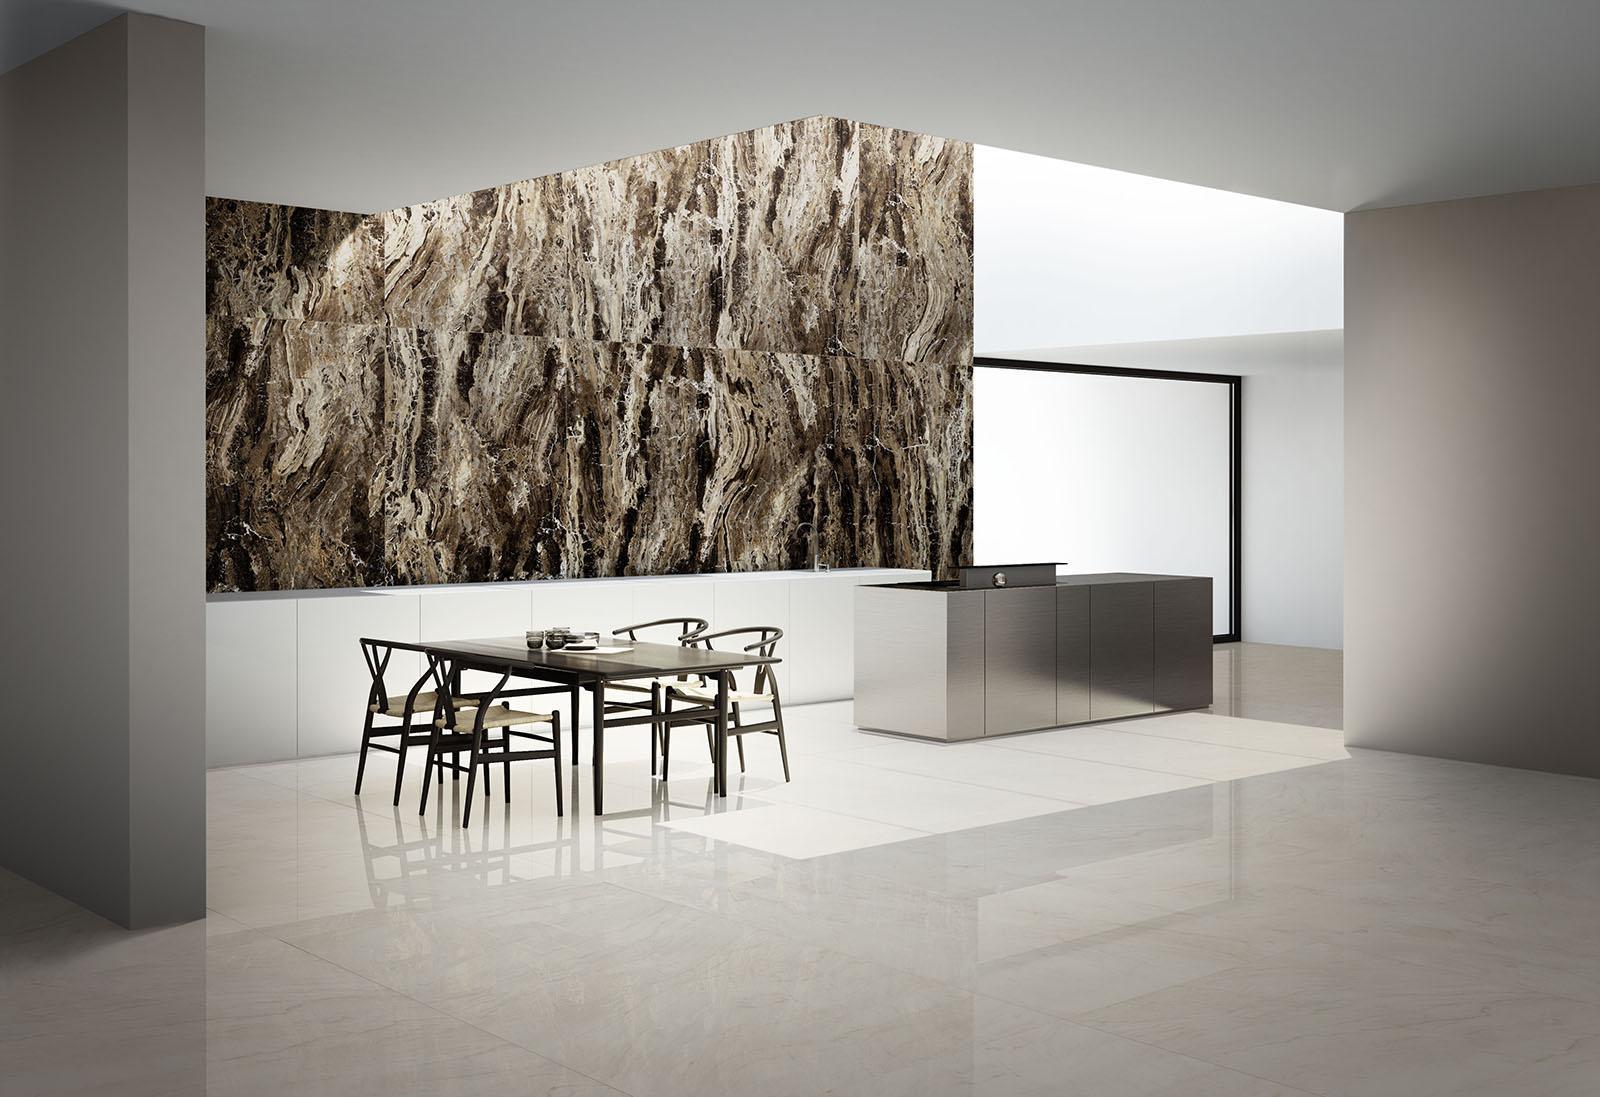 Vendita online di piastrelle grande marble look di marazzi serie